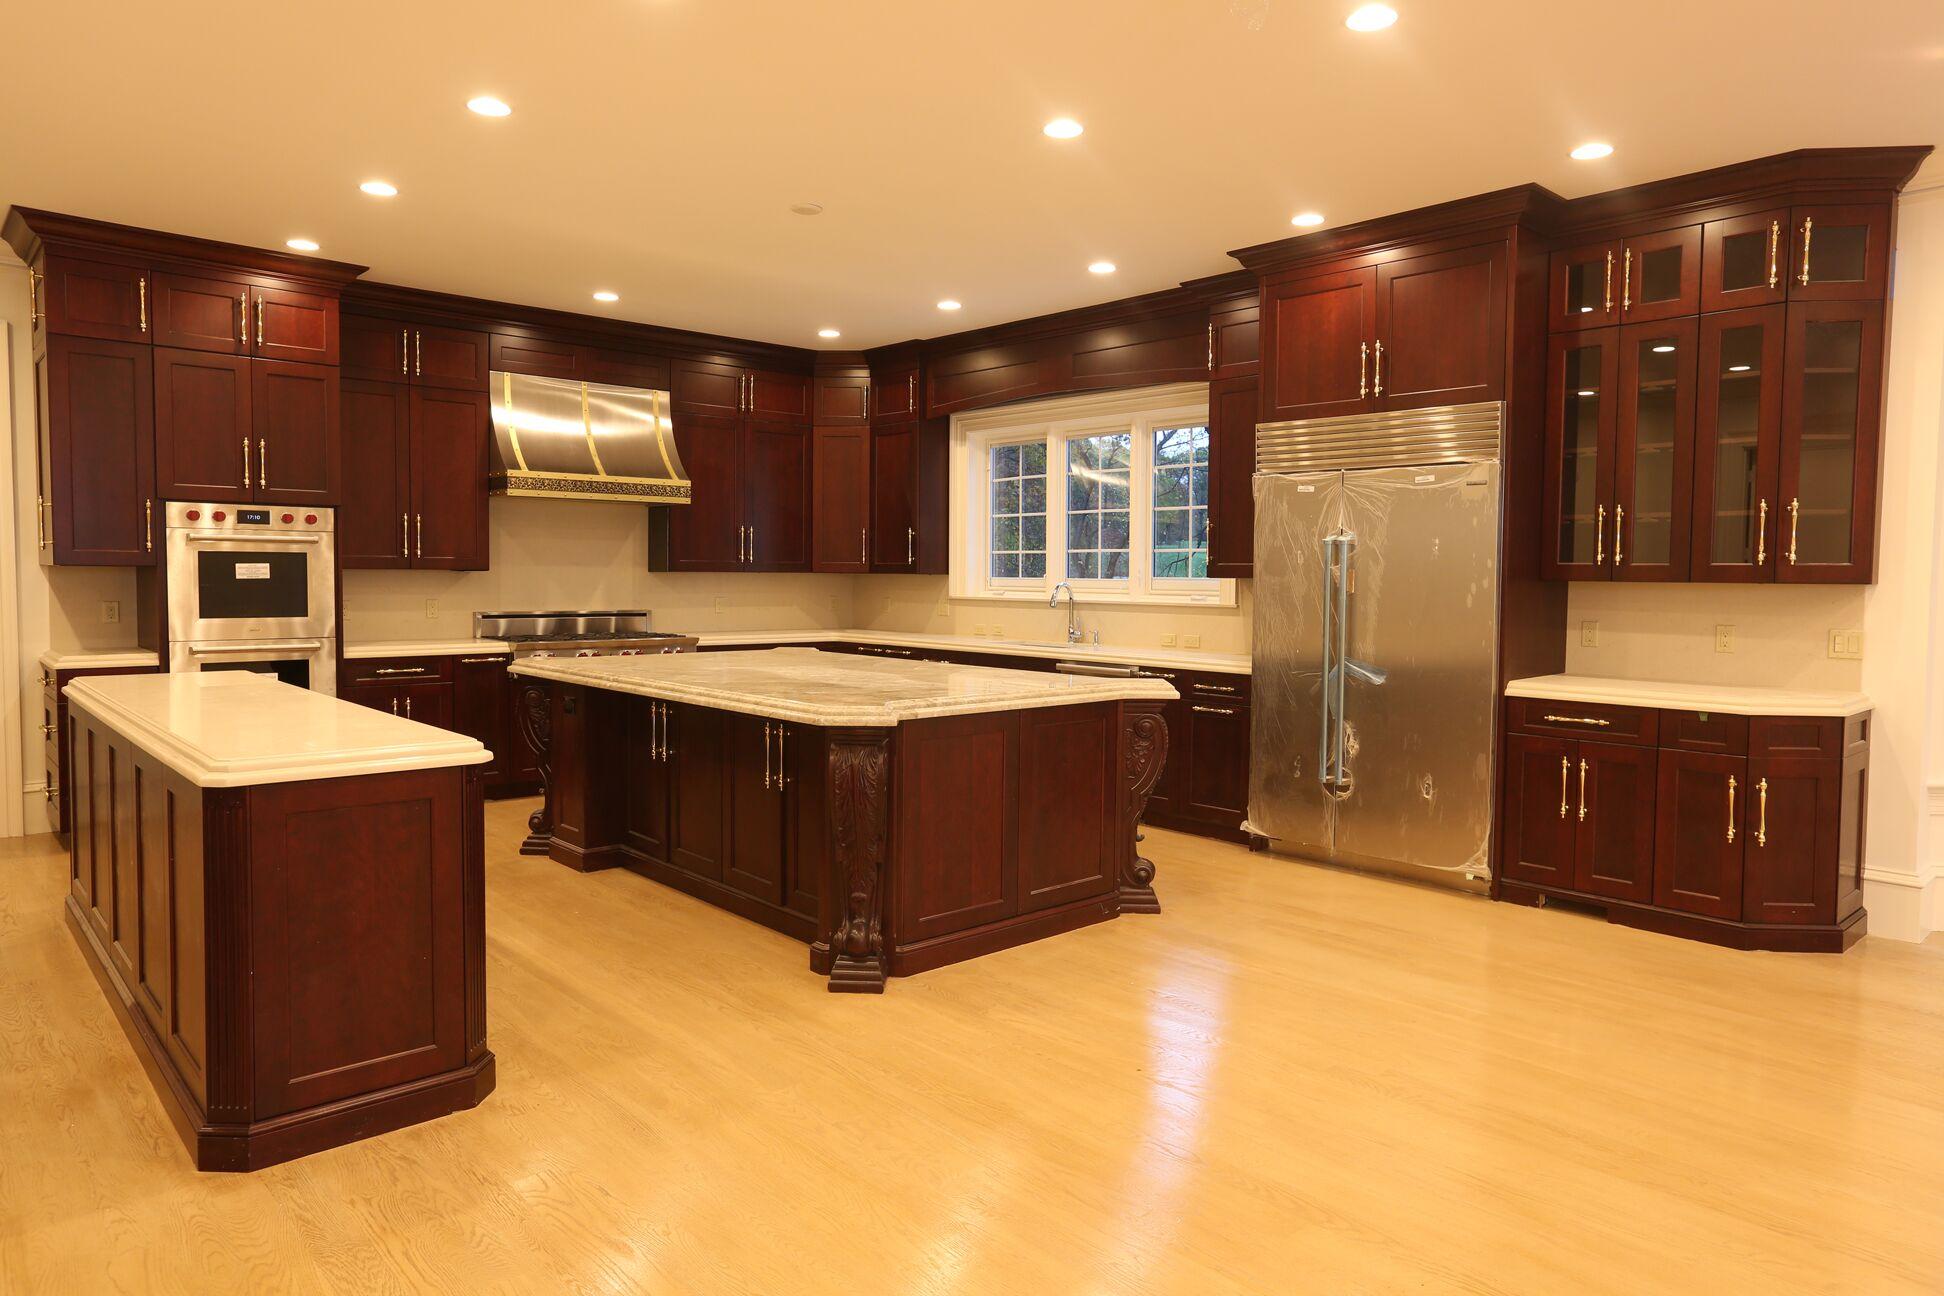 90 yarmouth kitchen.jpeg